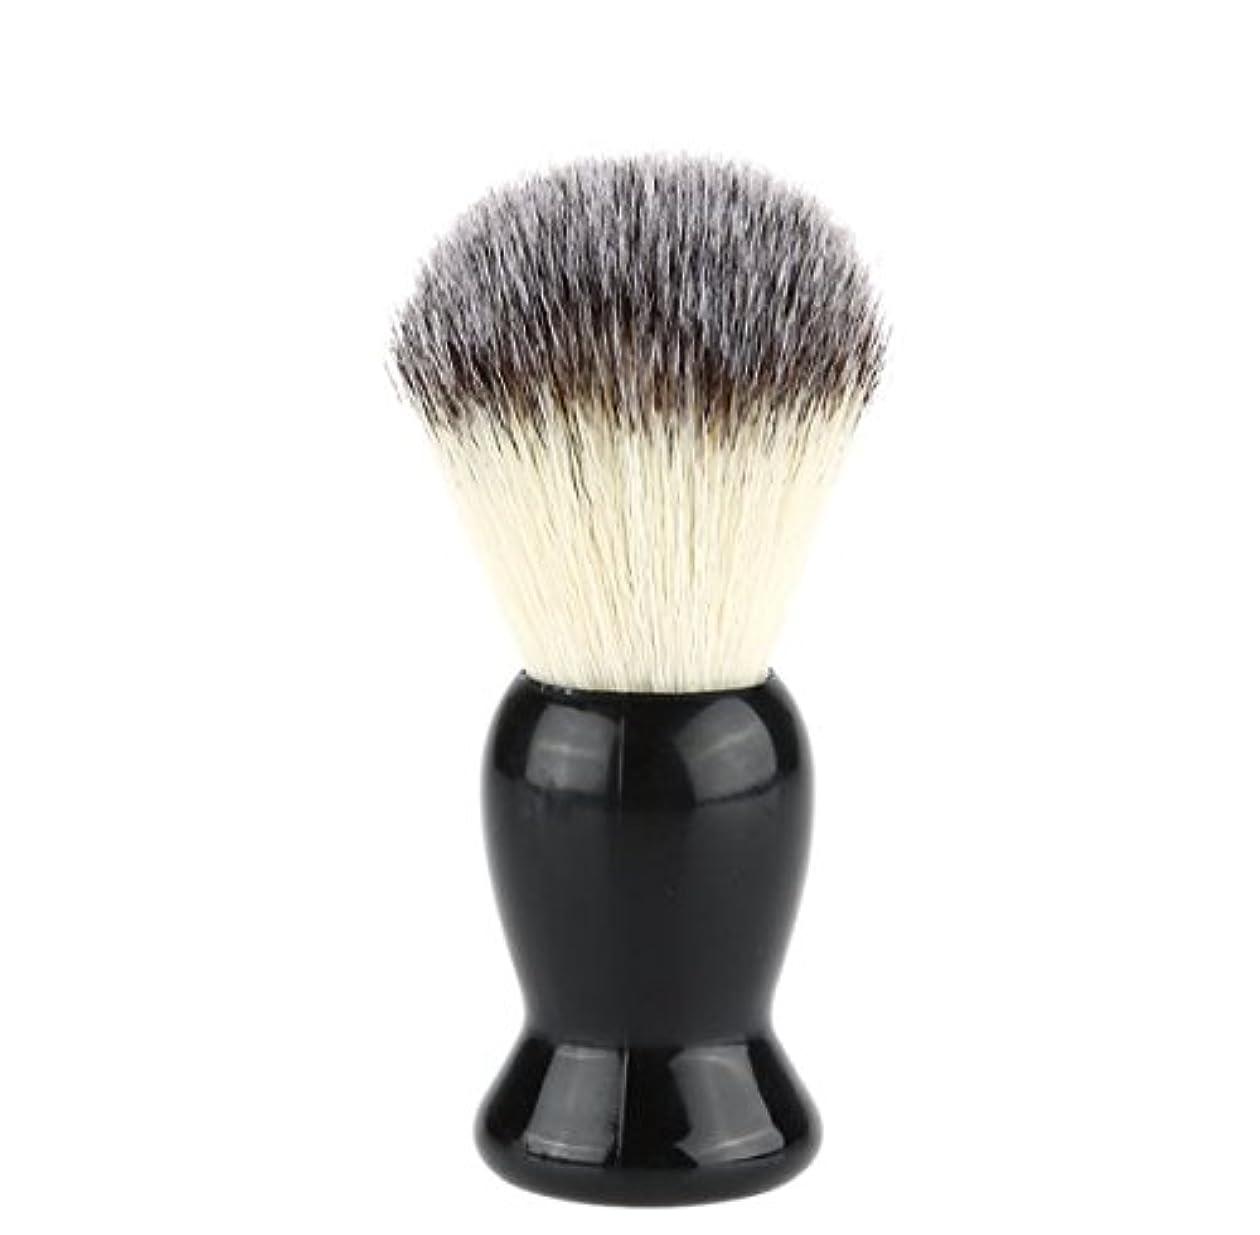 寛容滑り台何十人もSuperb Barber Salon Shaving Brush Black Handle Face Beard Cleaning Men Shaving Razor Brush Cleaning Appliance Tools